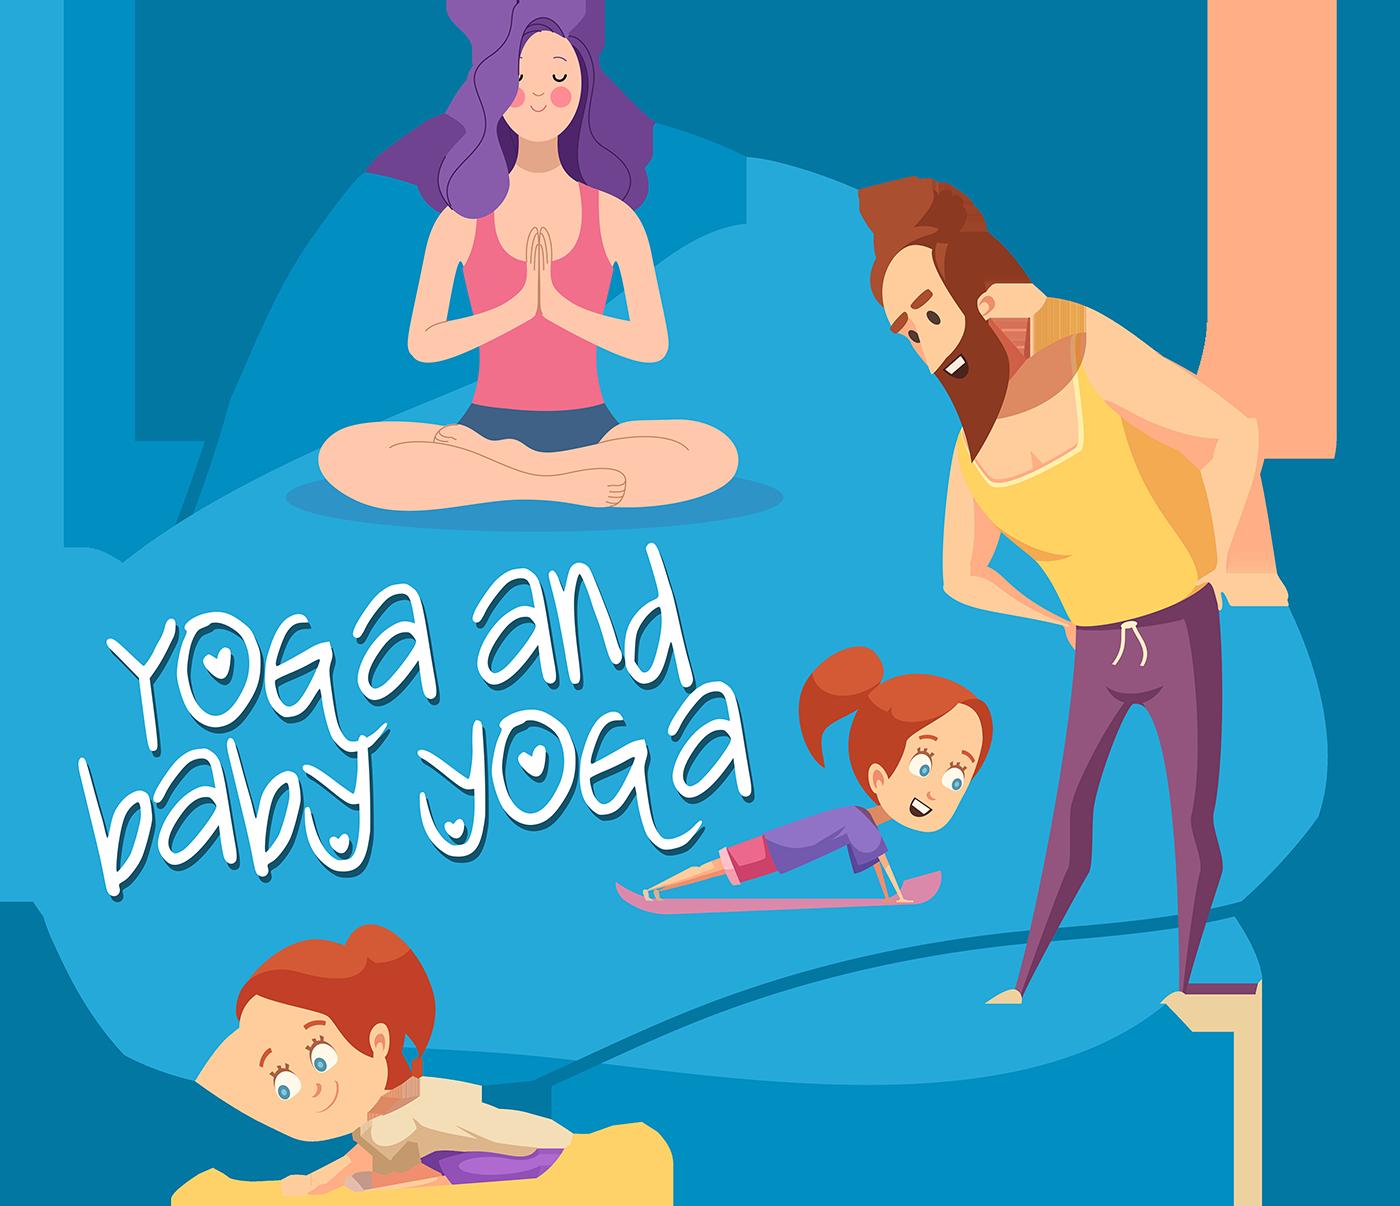 Yoga and baby yoga